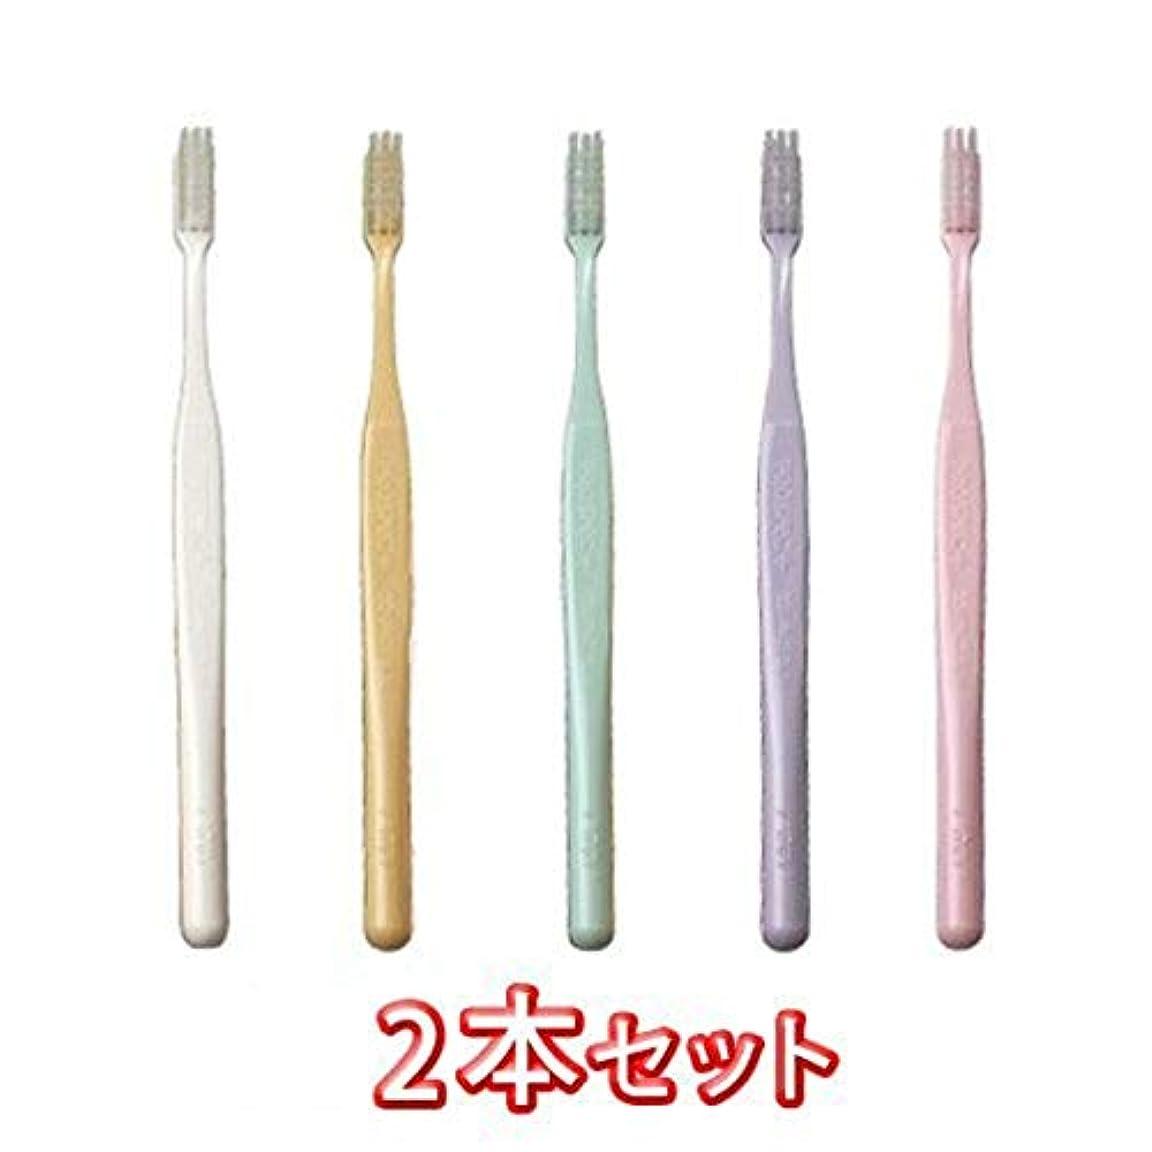 これらソーダ水ばかげているGC プロスペック 歯ブラシプラス コンパクトスリム S (2本セット)